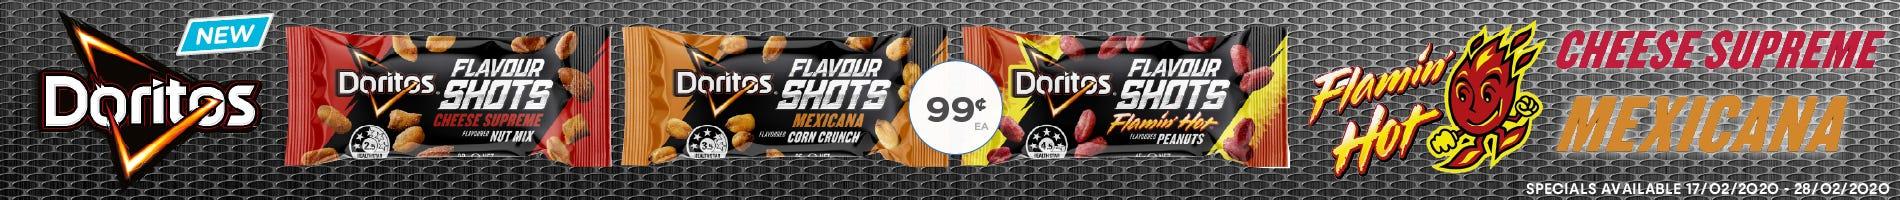 Click to Shop Doritos Shots